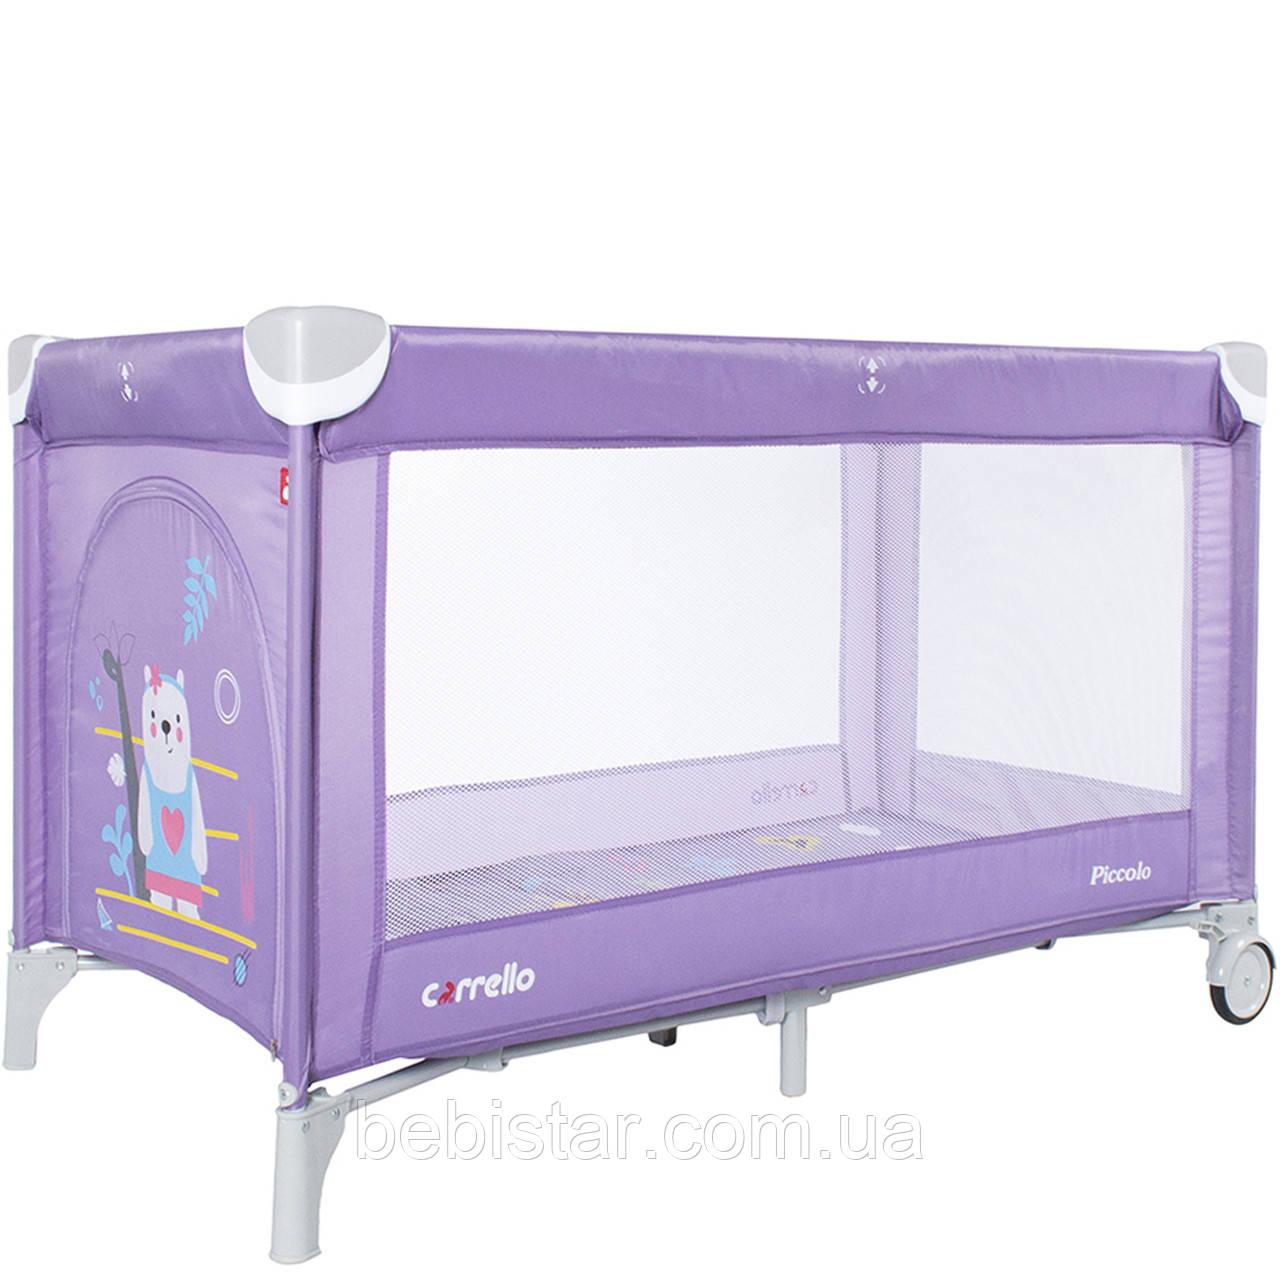 Детский игровой манеж фиолетовый на колесах с дверцей на молнии CARRELLO Piccolo CRL-9203/1 деткам от рождения